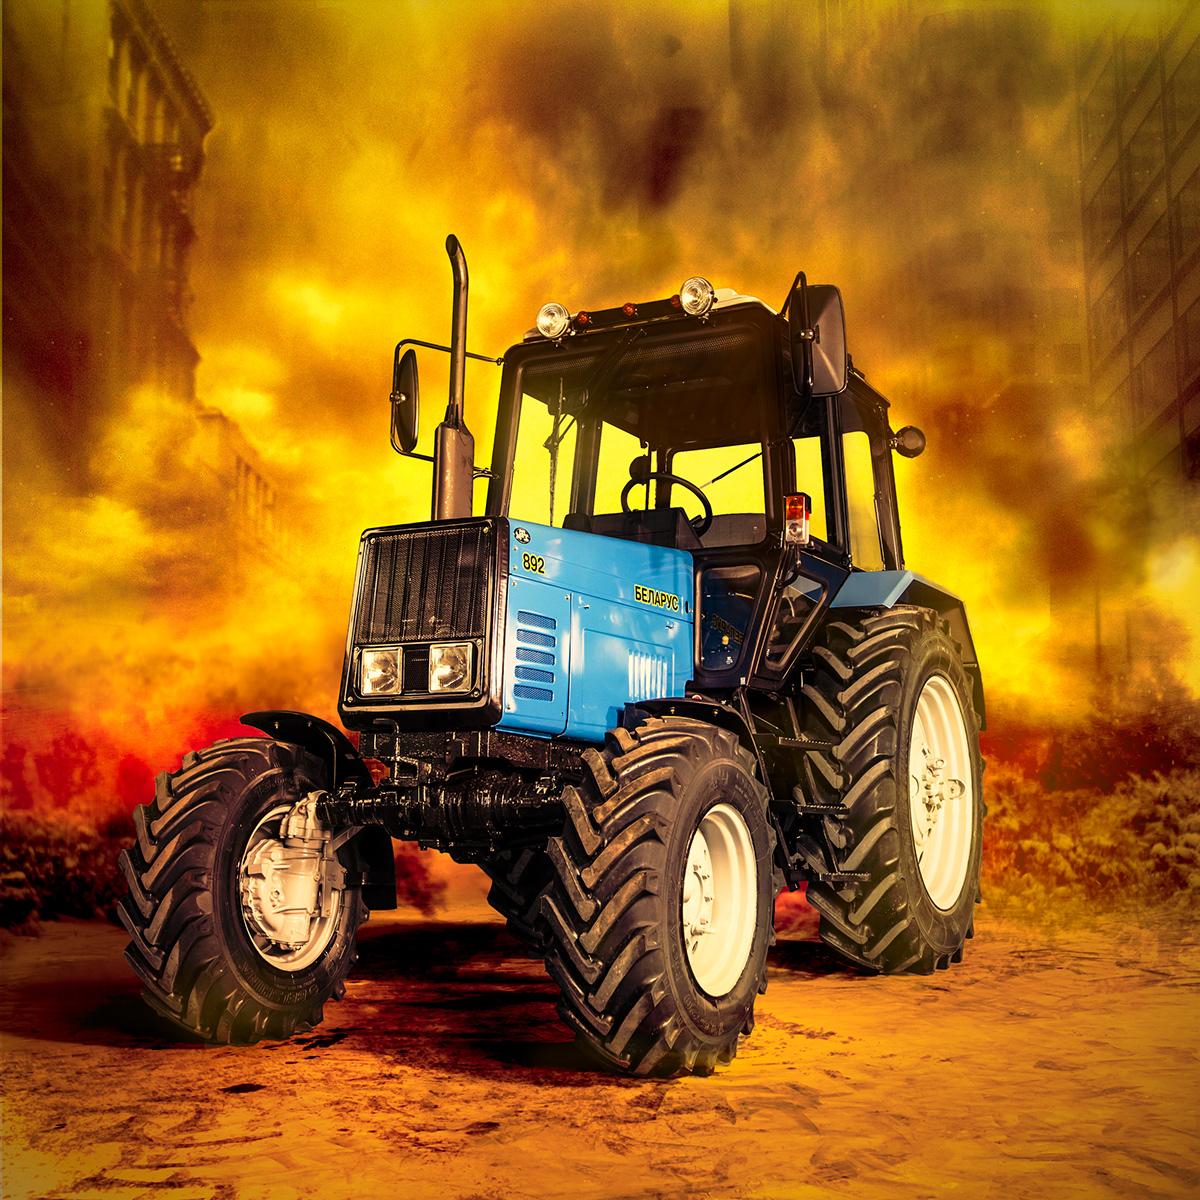 быстрому трактор беларусь картинки тем кто равнодушен